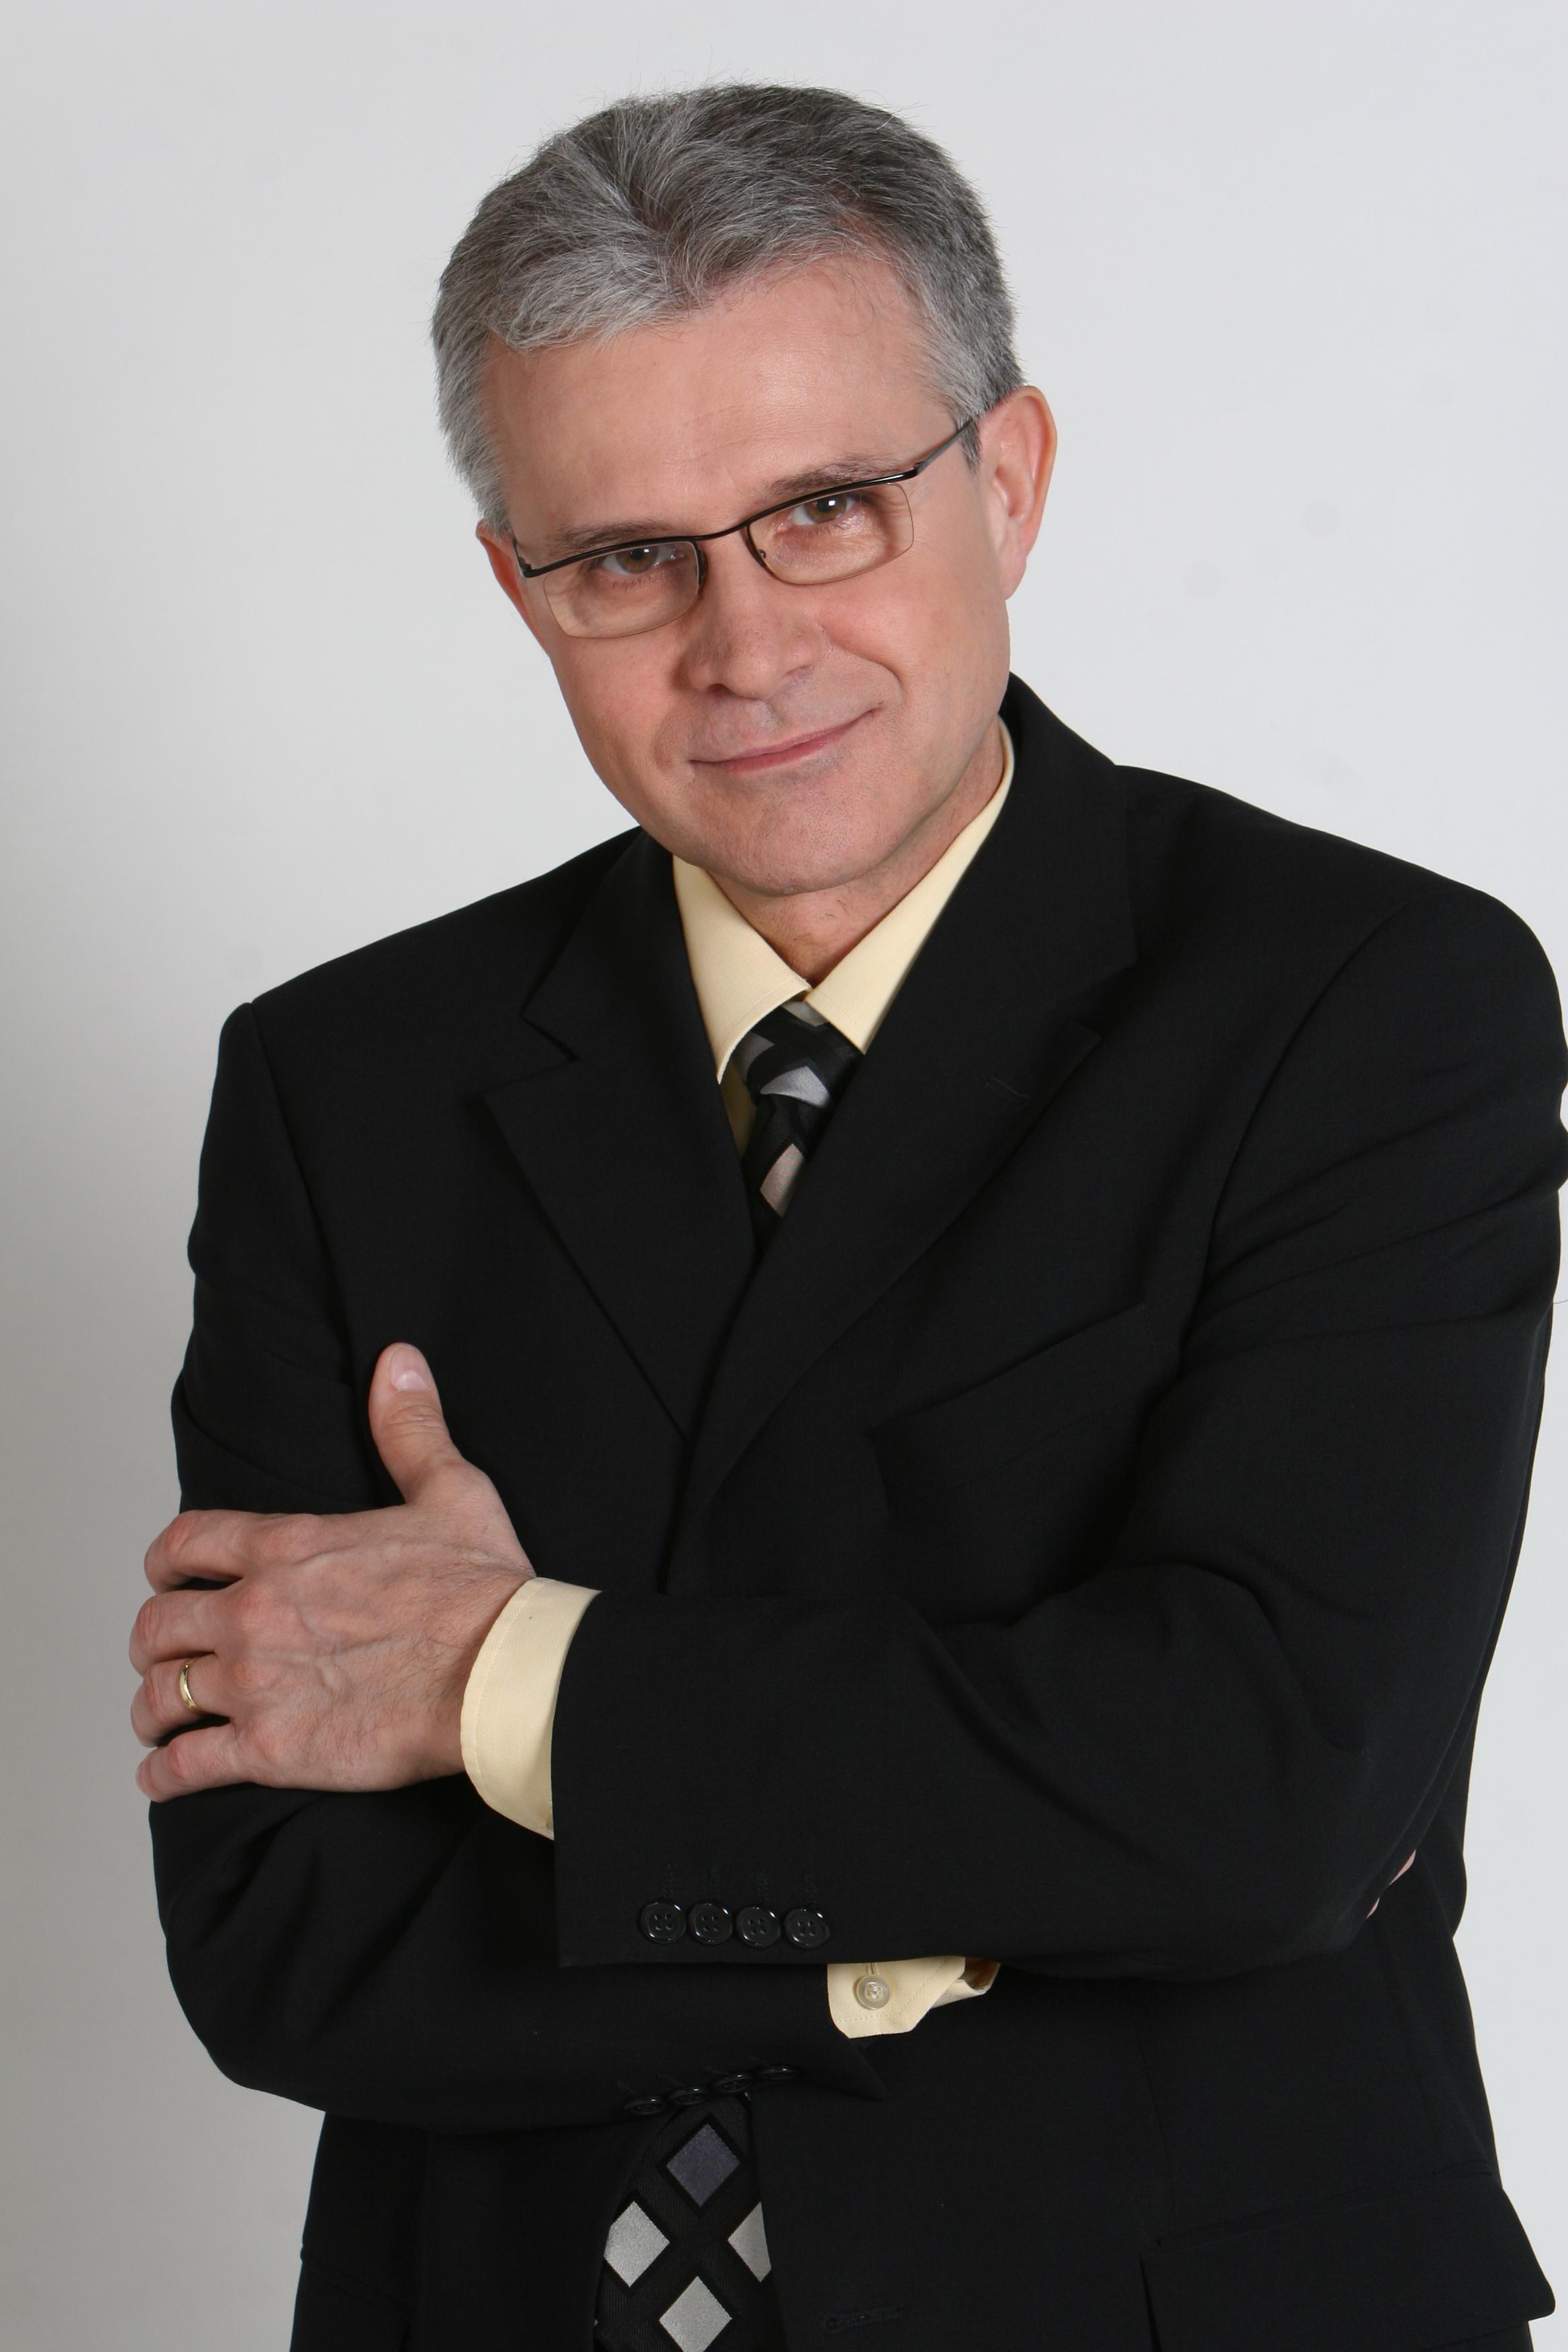 Štefan Bučko